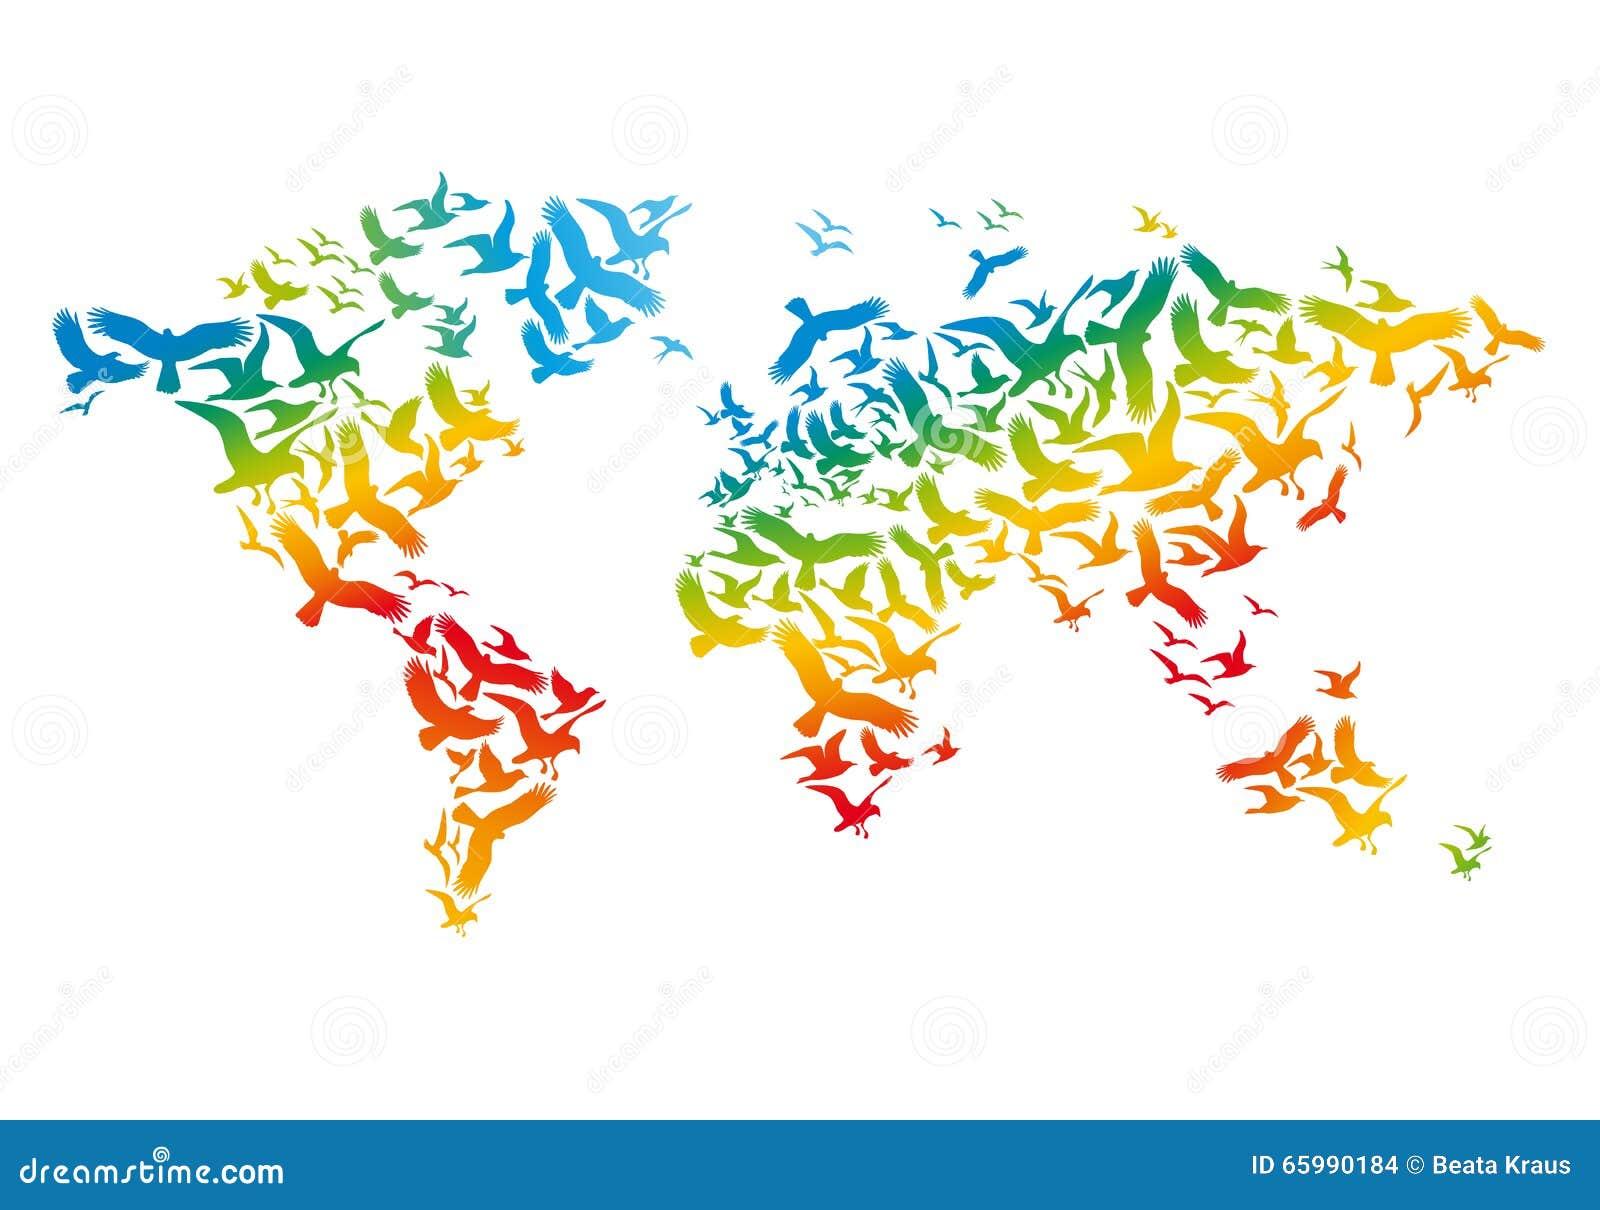 Wereldkaart met vliegende vogels, vector